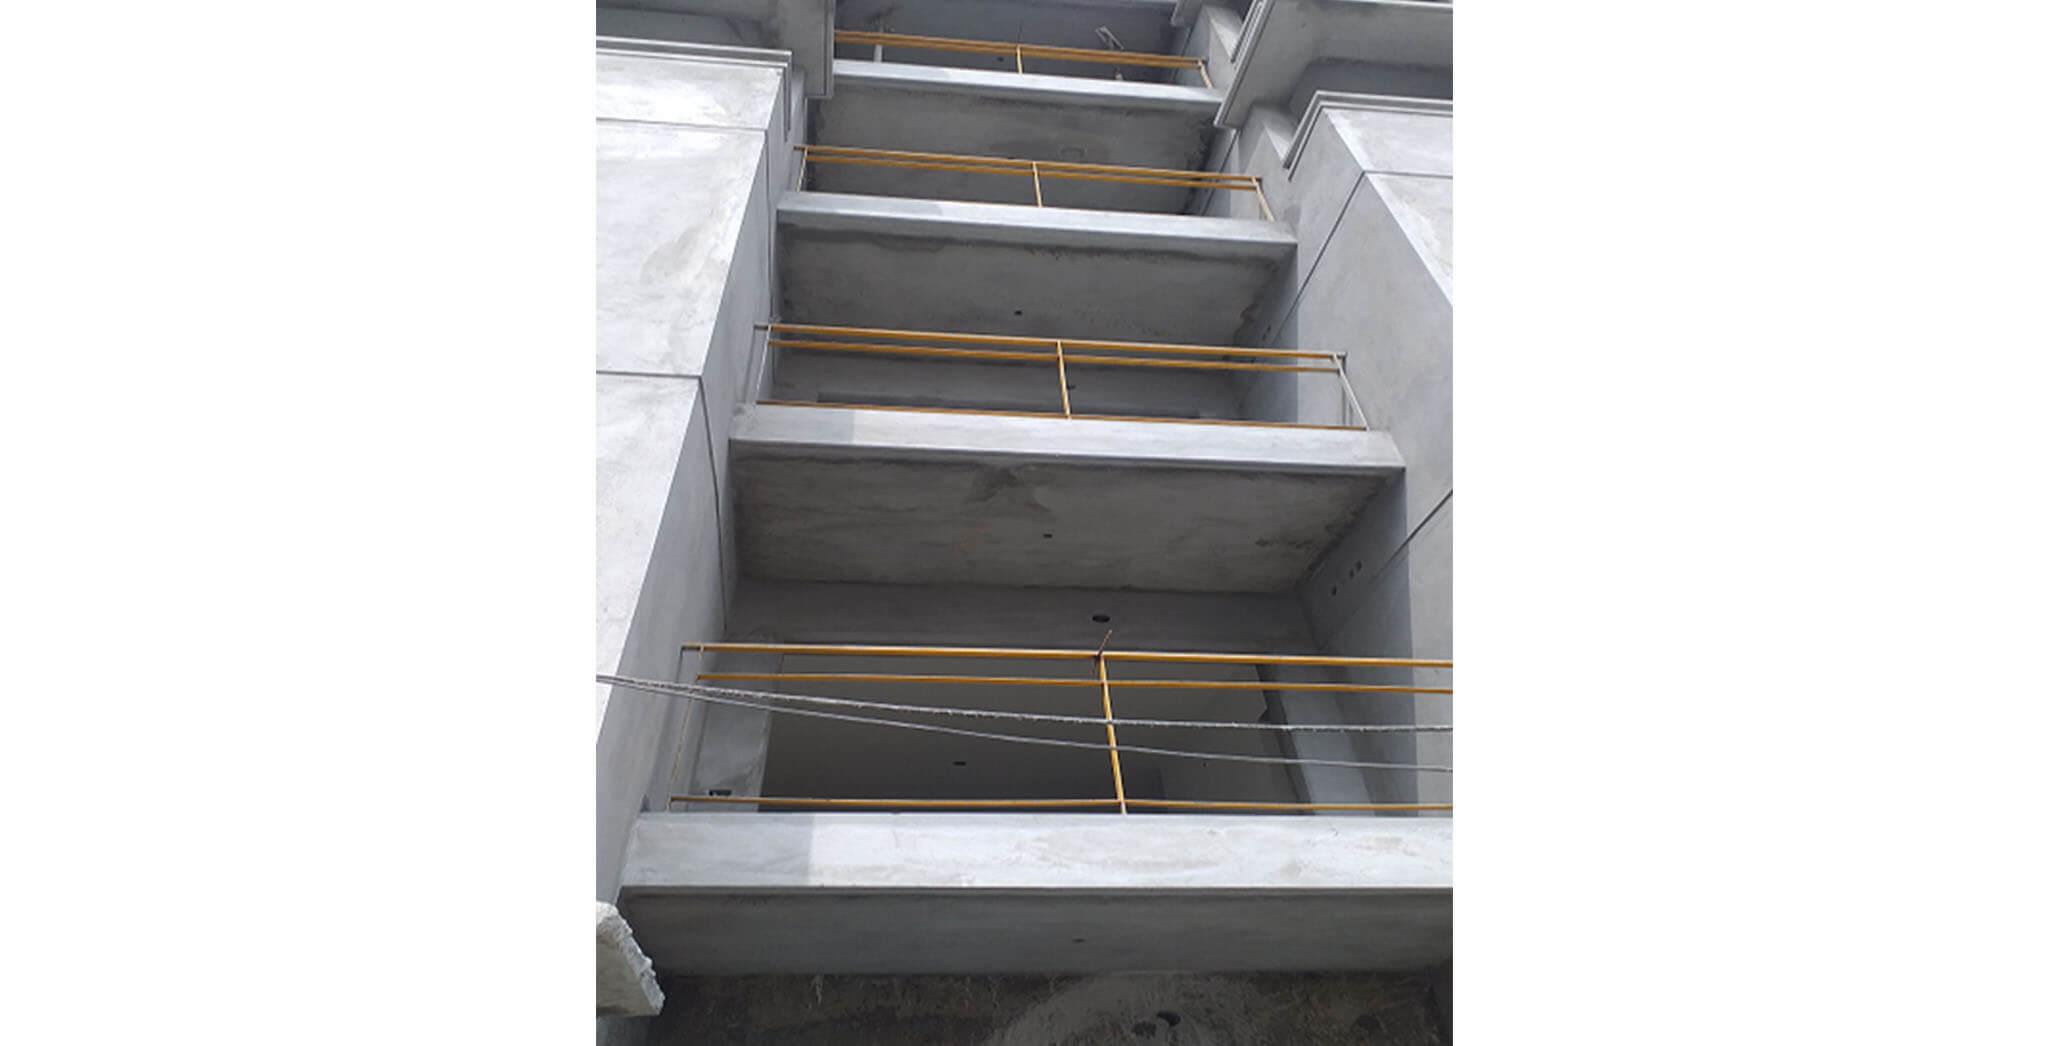 Oct 2020 - South side view: K, L, M Blocks—Balcony railing work-in-progress